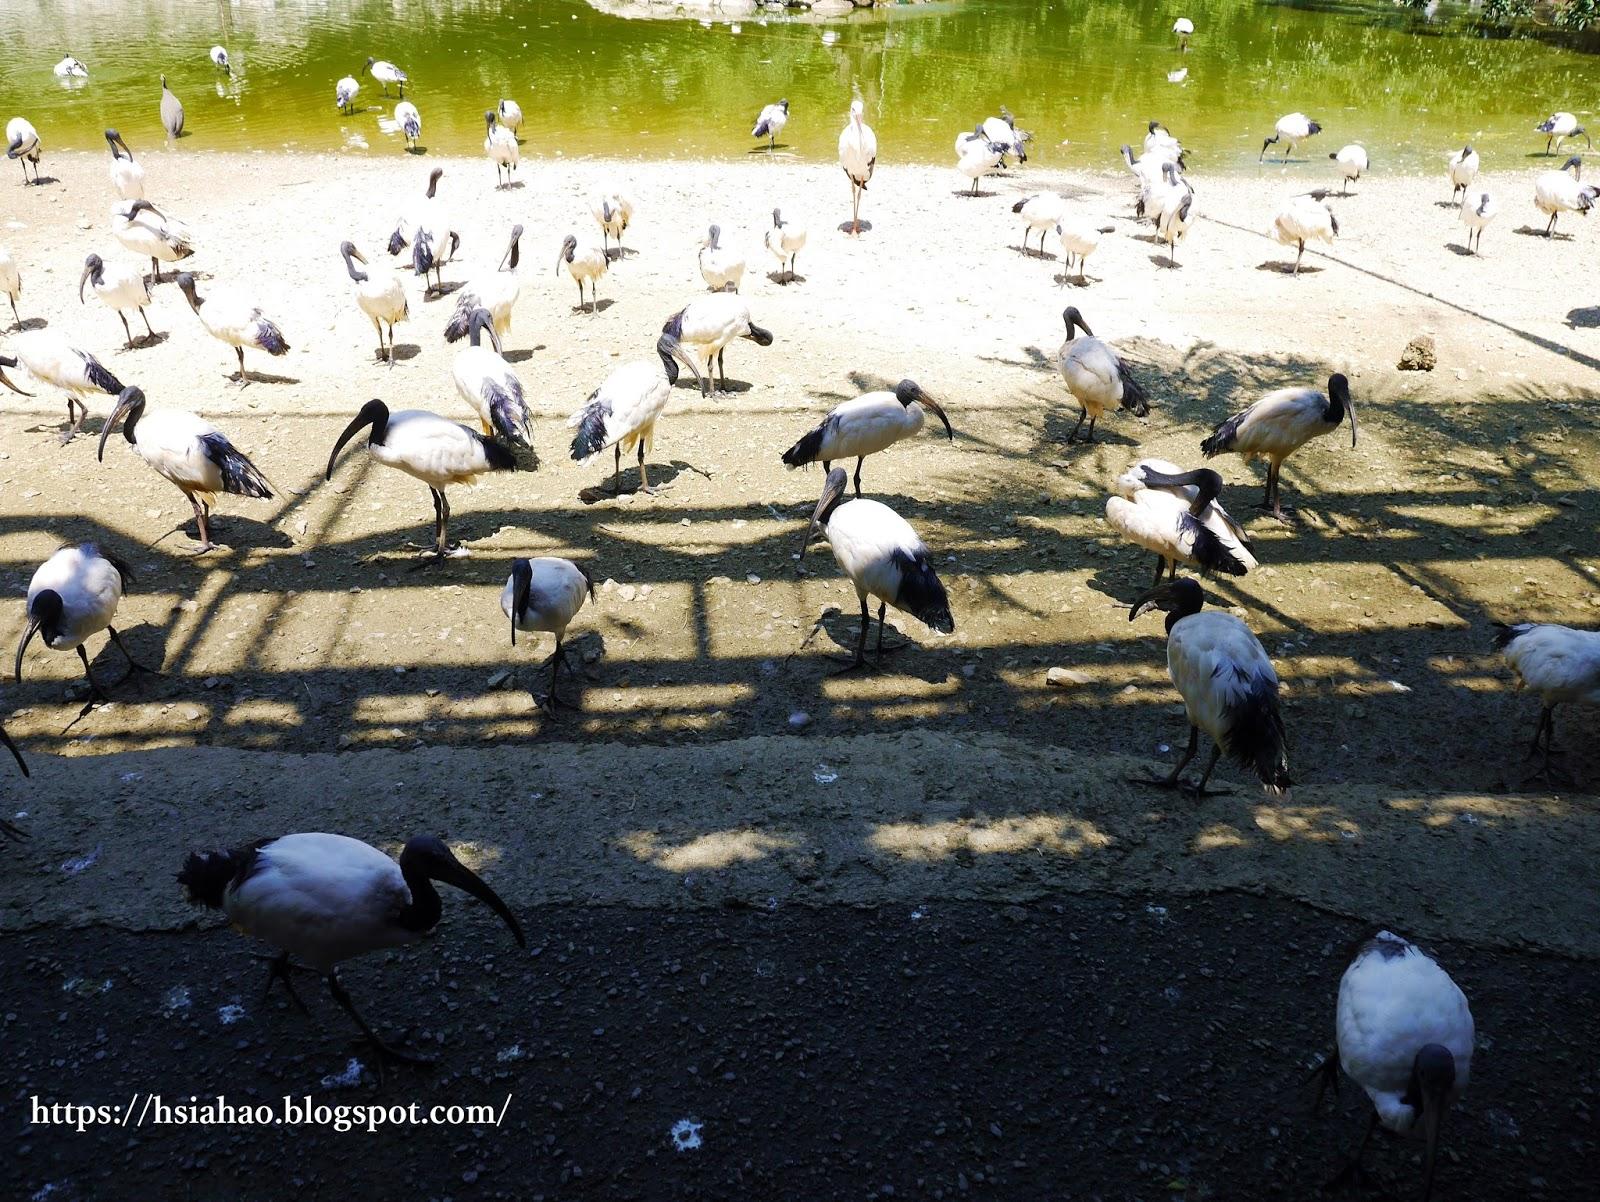 沖繩-景點-名護-名護自然動植物公園-neopark-ネオパークオキナワ-推薦-親子-自由行-旅遊-Okinawa-Nago